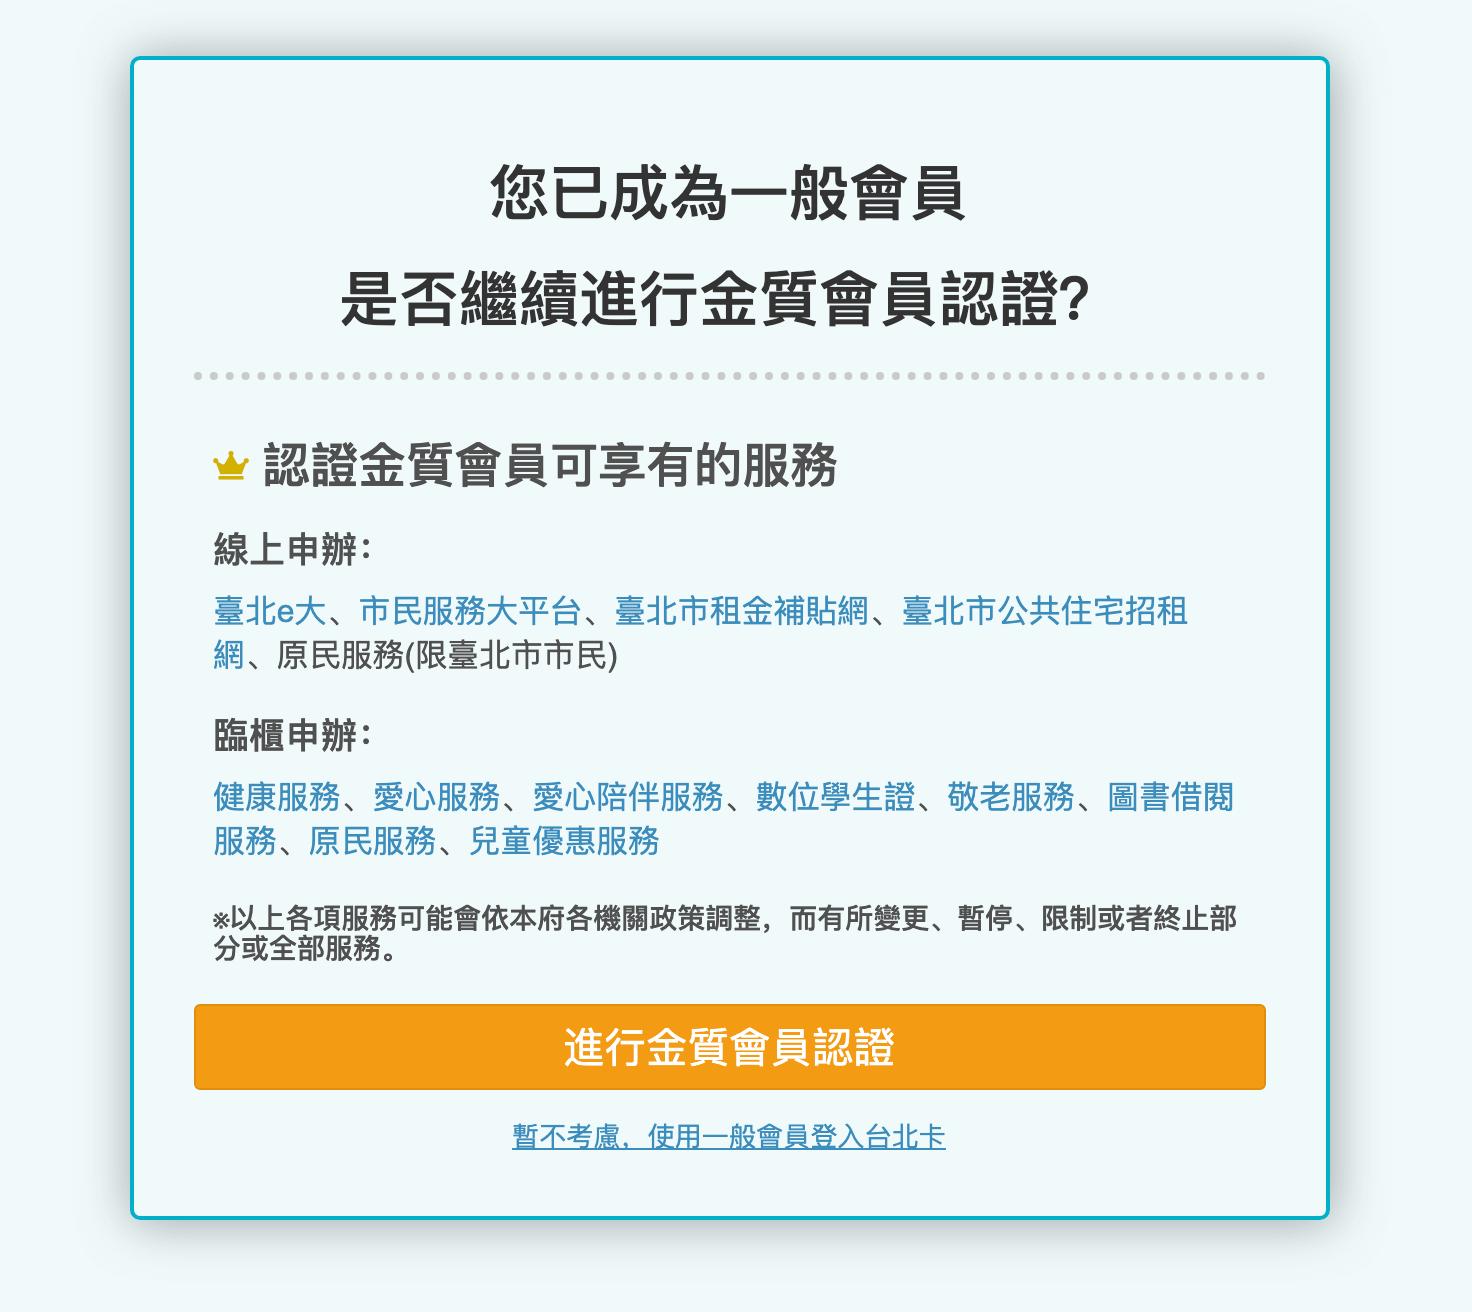 台北卡黃金會員申請